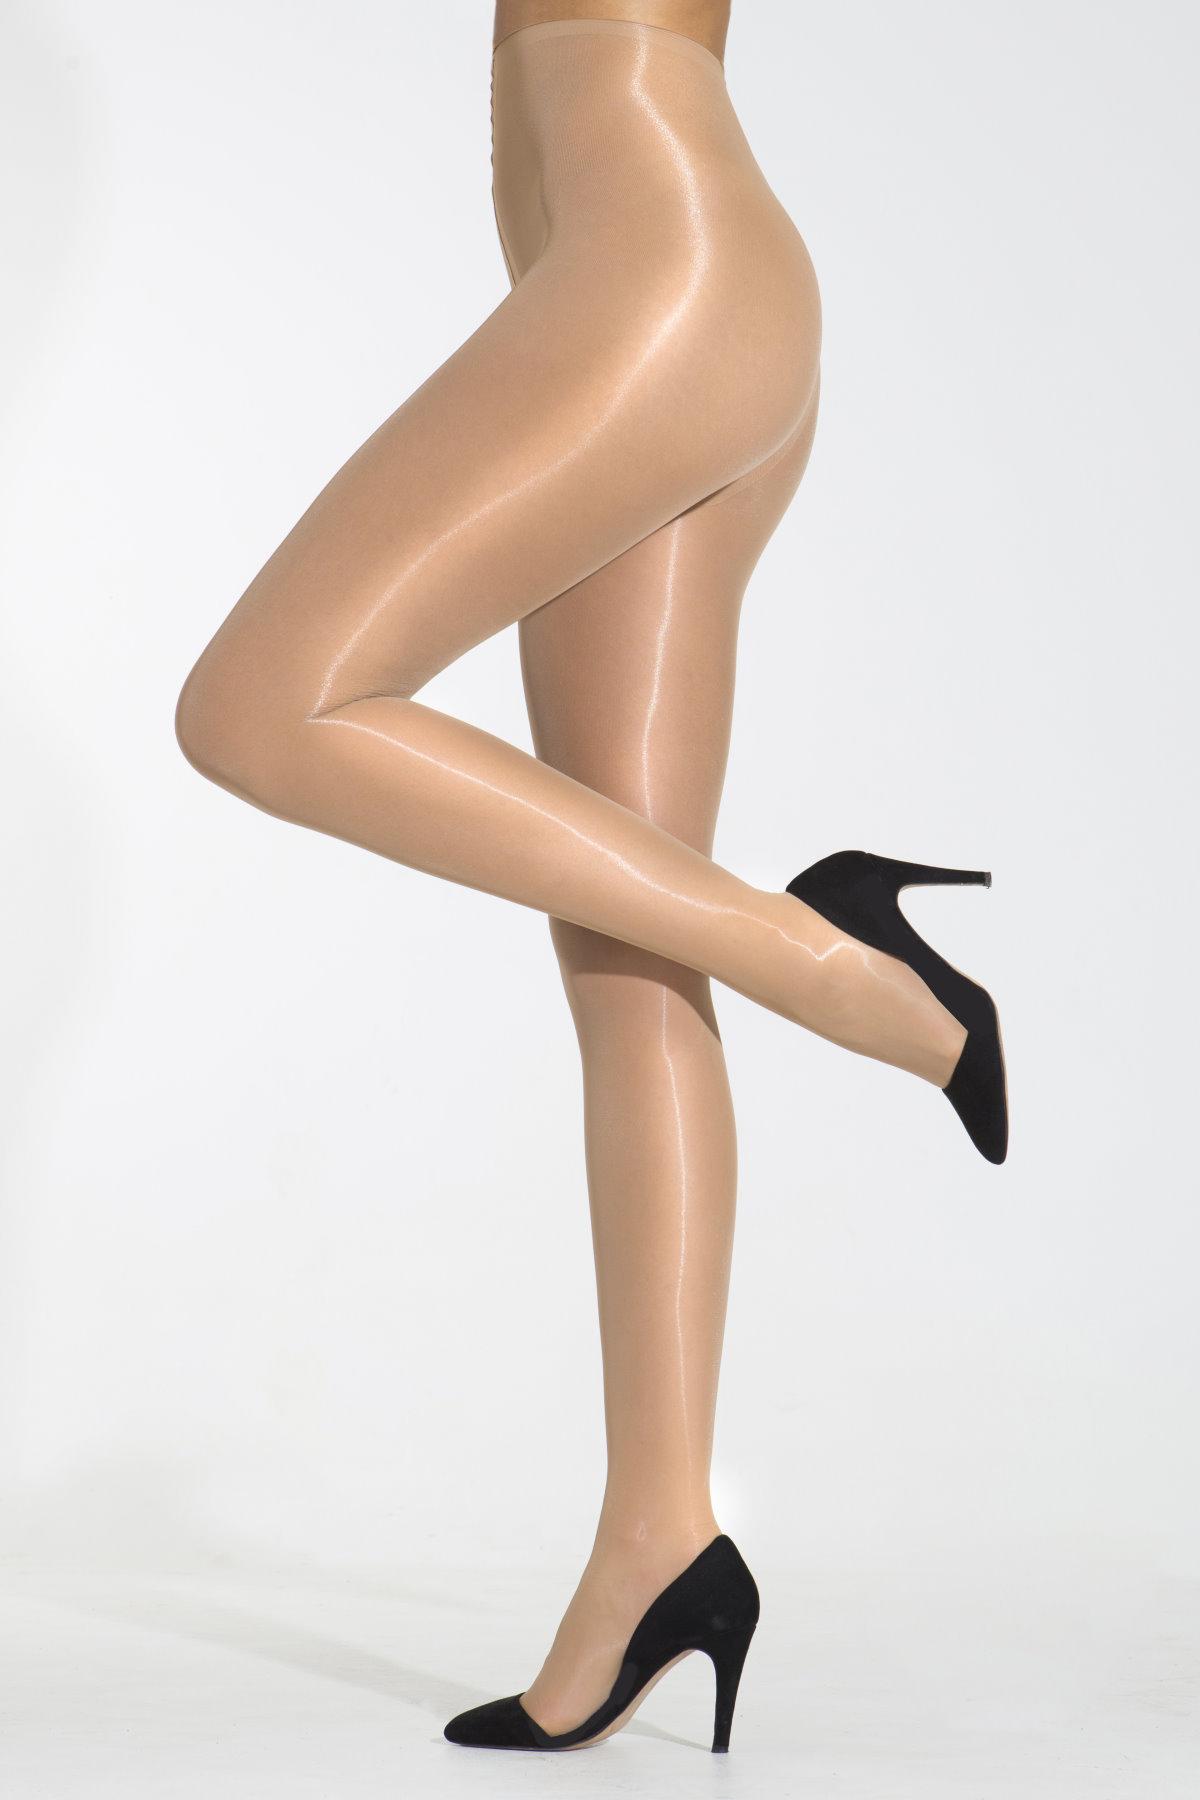 Low Price Tan Classic Plain LYCRA Tights Hosiery 40 Denier Pantyhose S M L XL